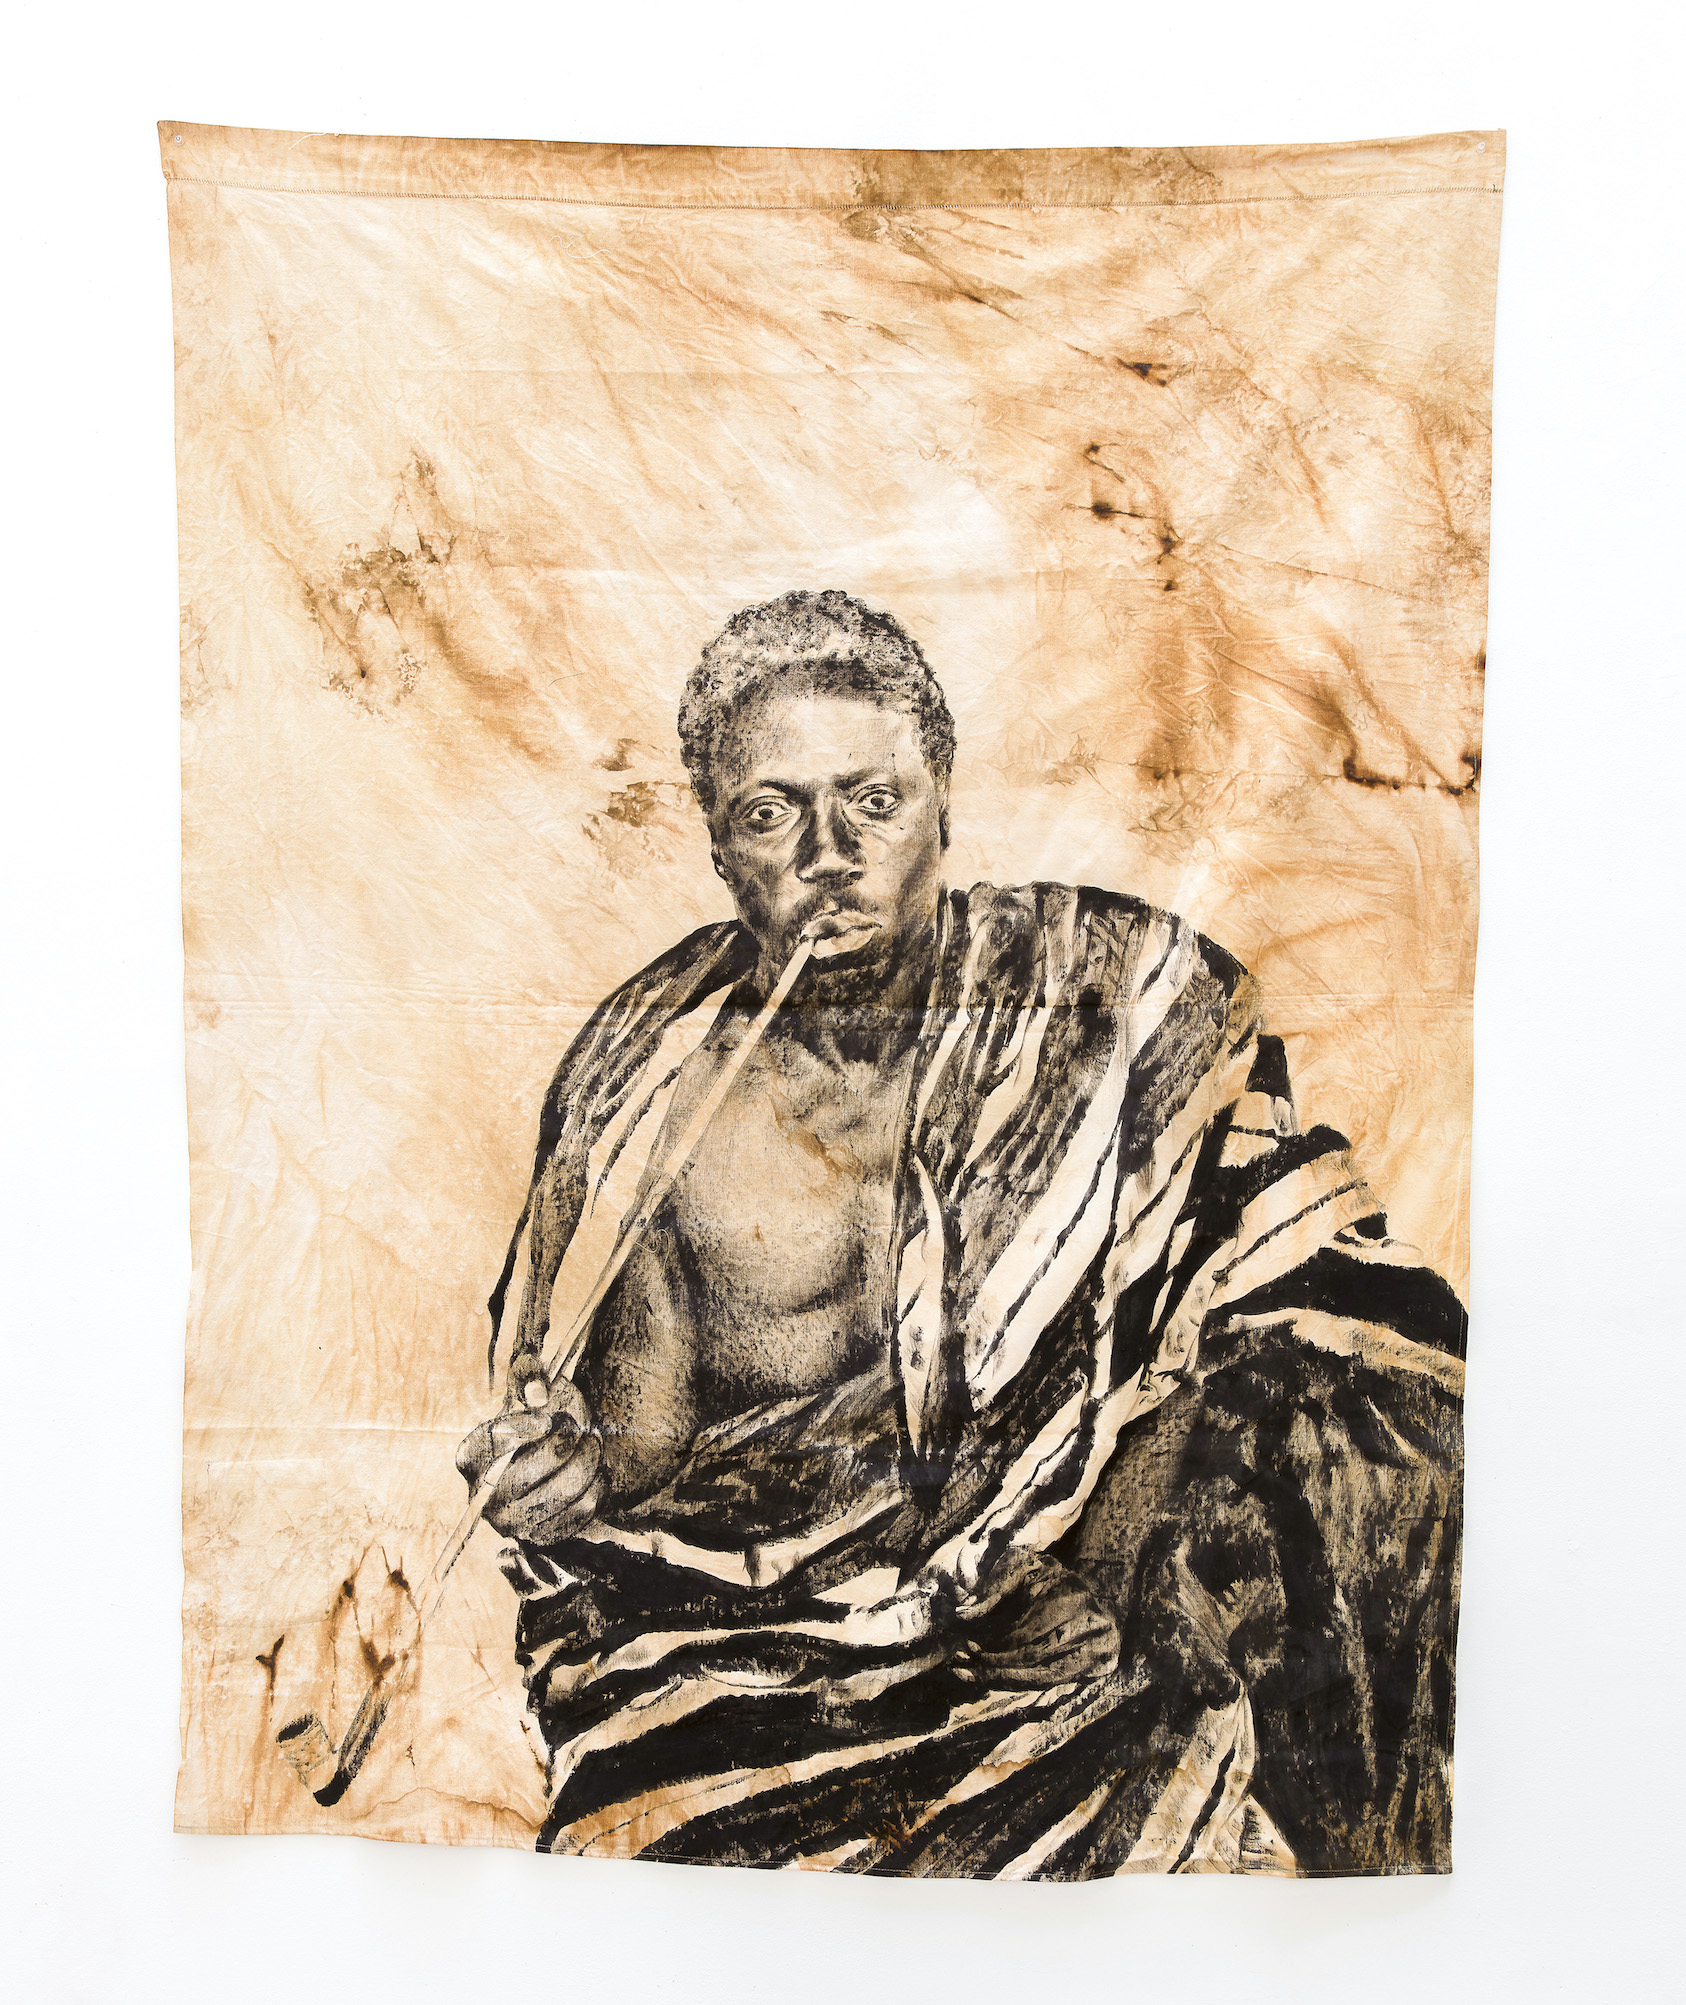 ROMÉO MIVEKANNIN, Série Béhanzin, Portrait du roi lors de l'escale à Dakar, avant l'exil en Martinique, 2021, Bains d'élixir, pigments et liants sur toile libre, 170 x 131 cm, courtesy g